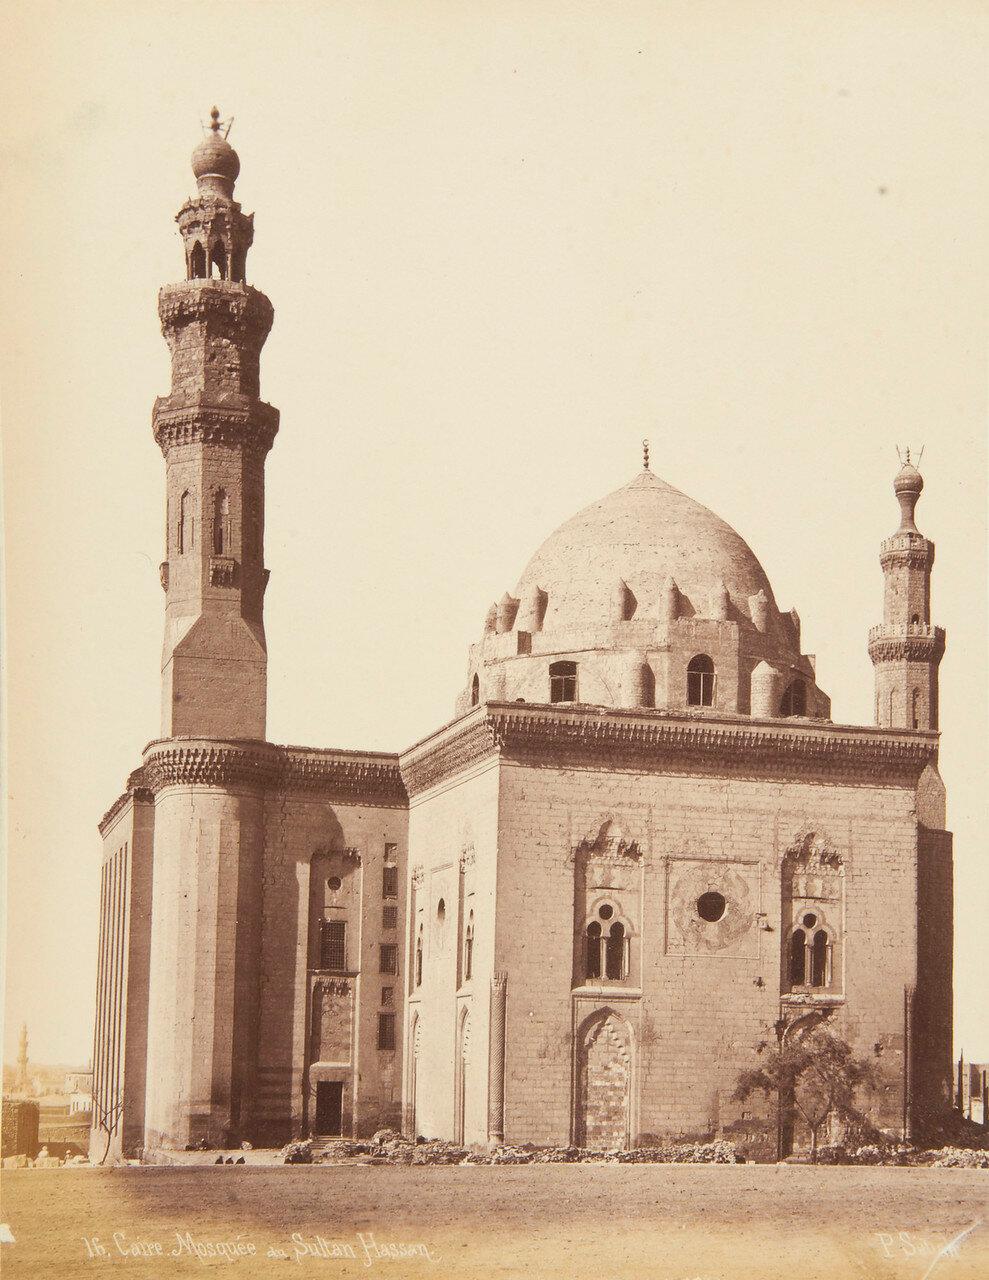 Каир. Мечеть султана Хасана. Вход в мечеть